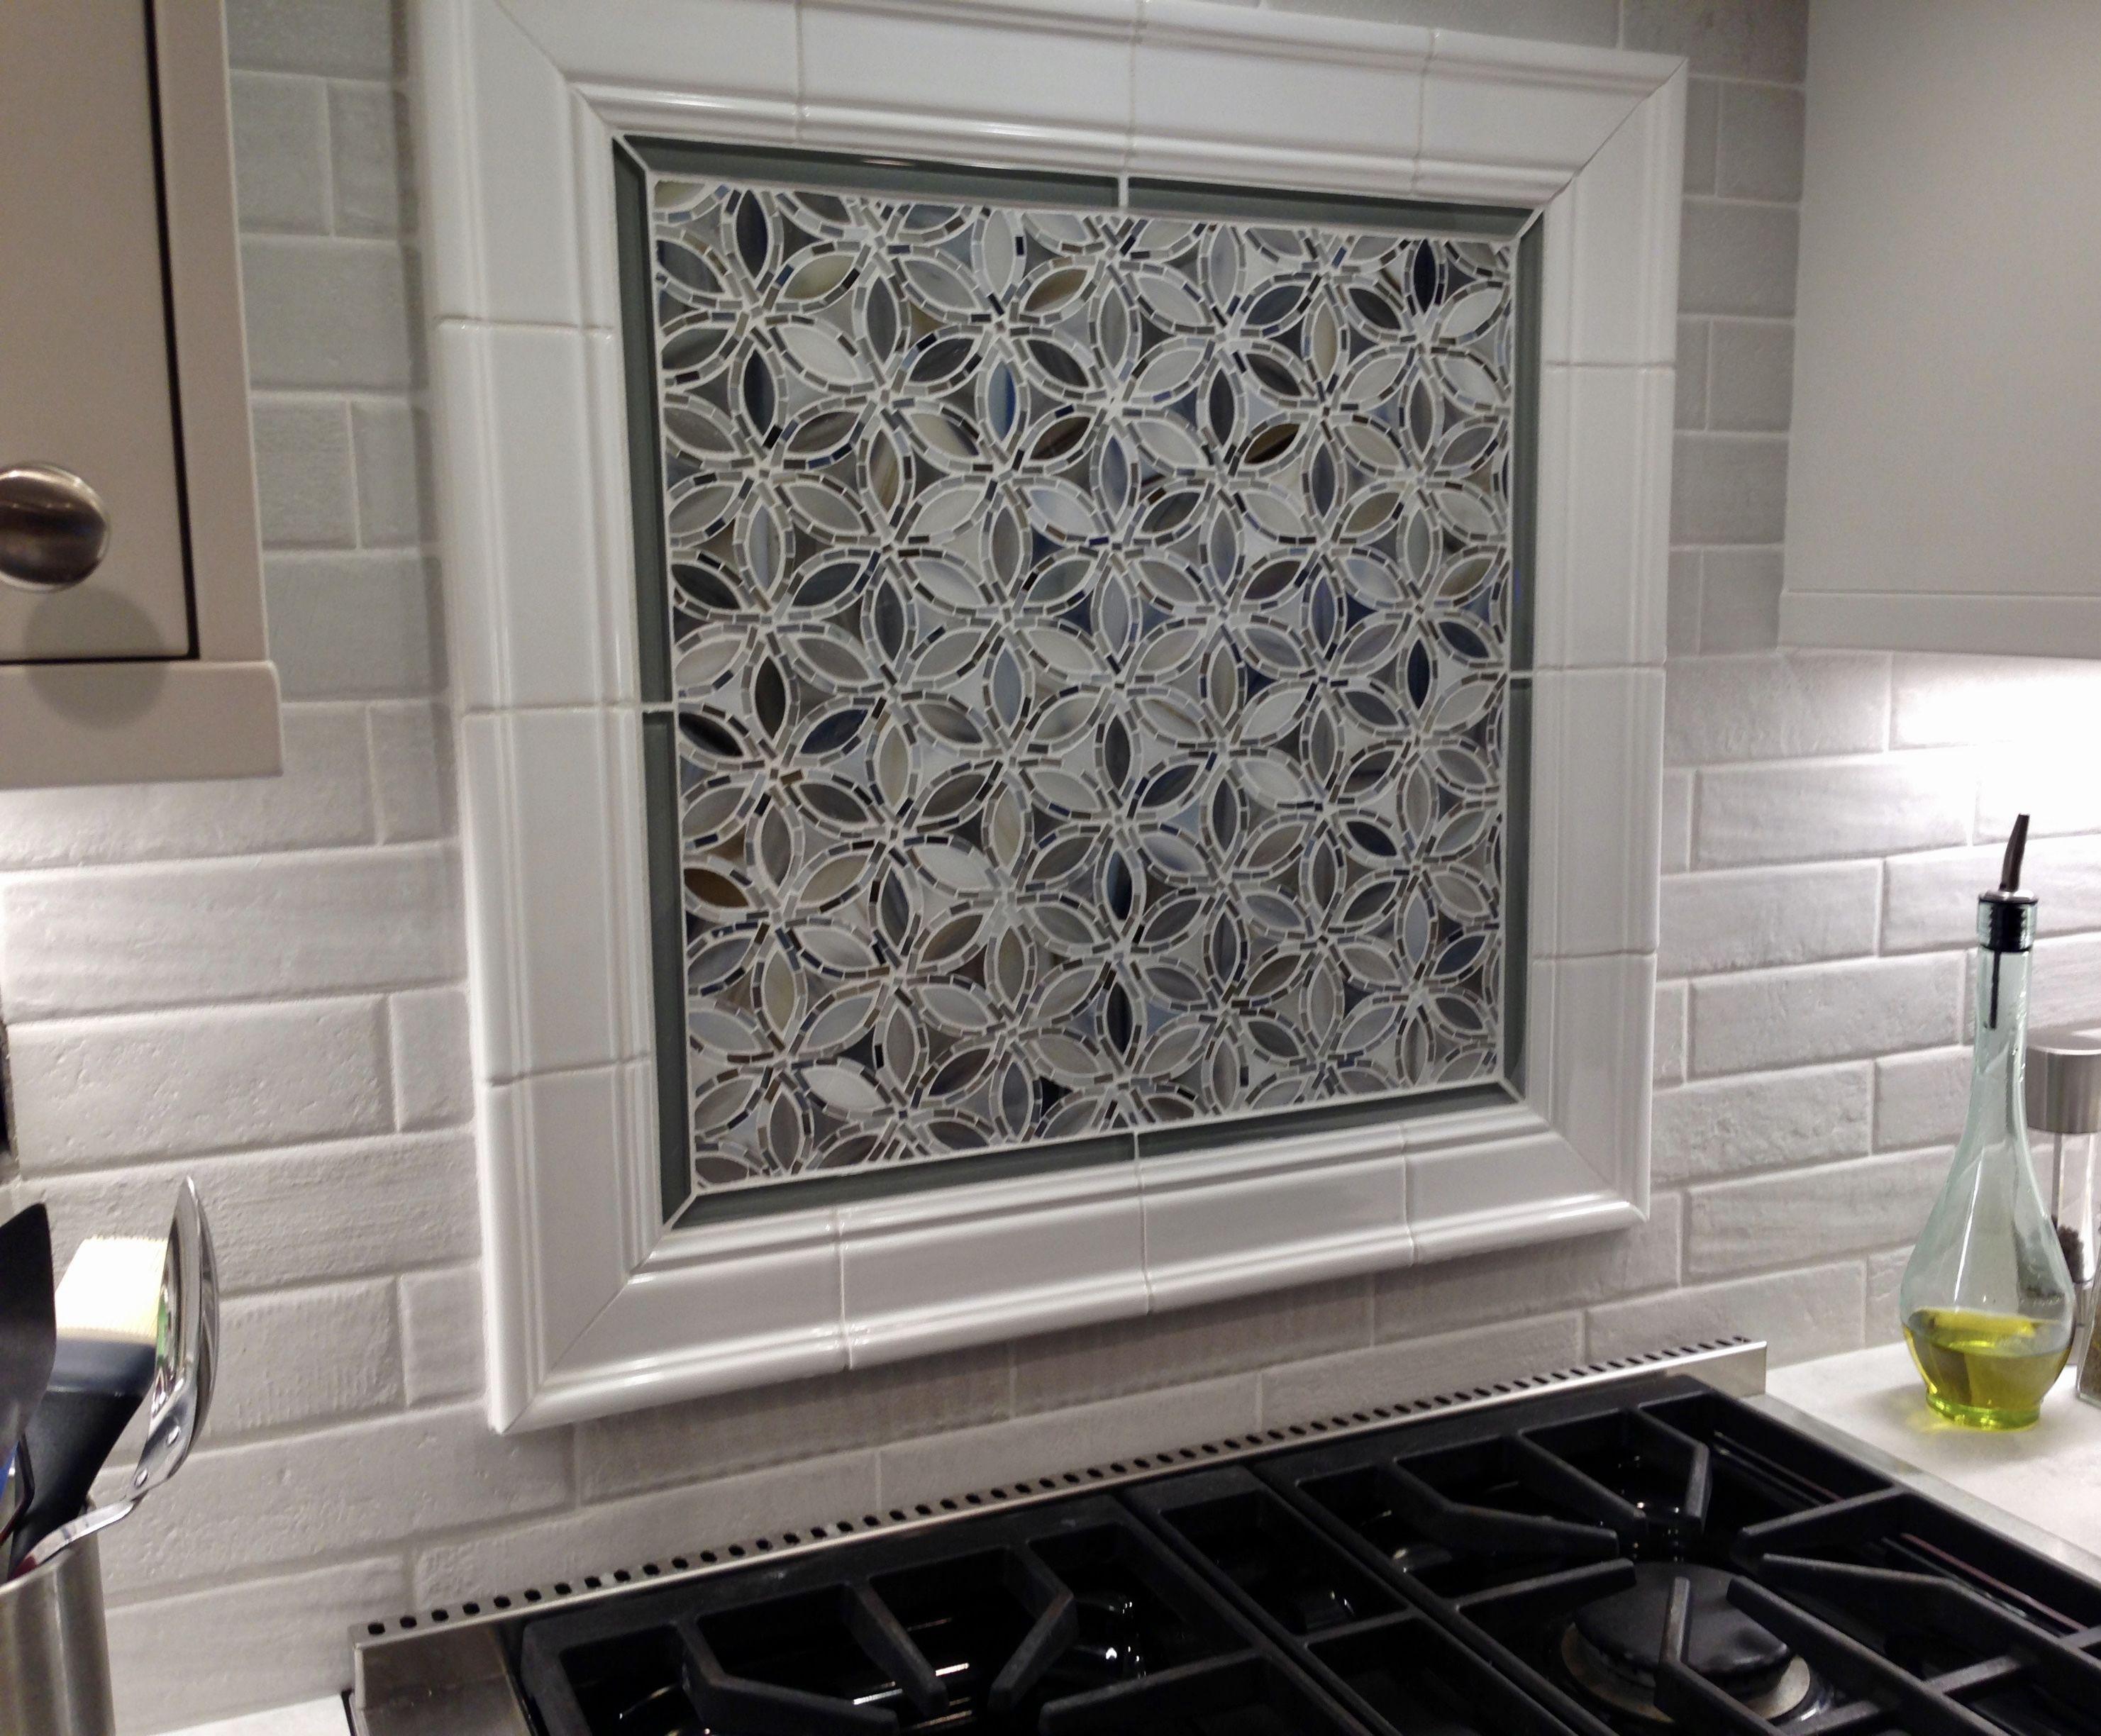 Backsplash Done With Flapper Floral Detroit Blues From Artistic Tile Ceramic Tile Backsplash Beautiful Backsplash Glass Tile Backsplash Kitchen